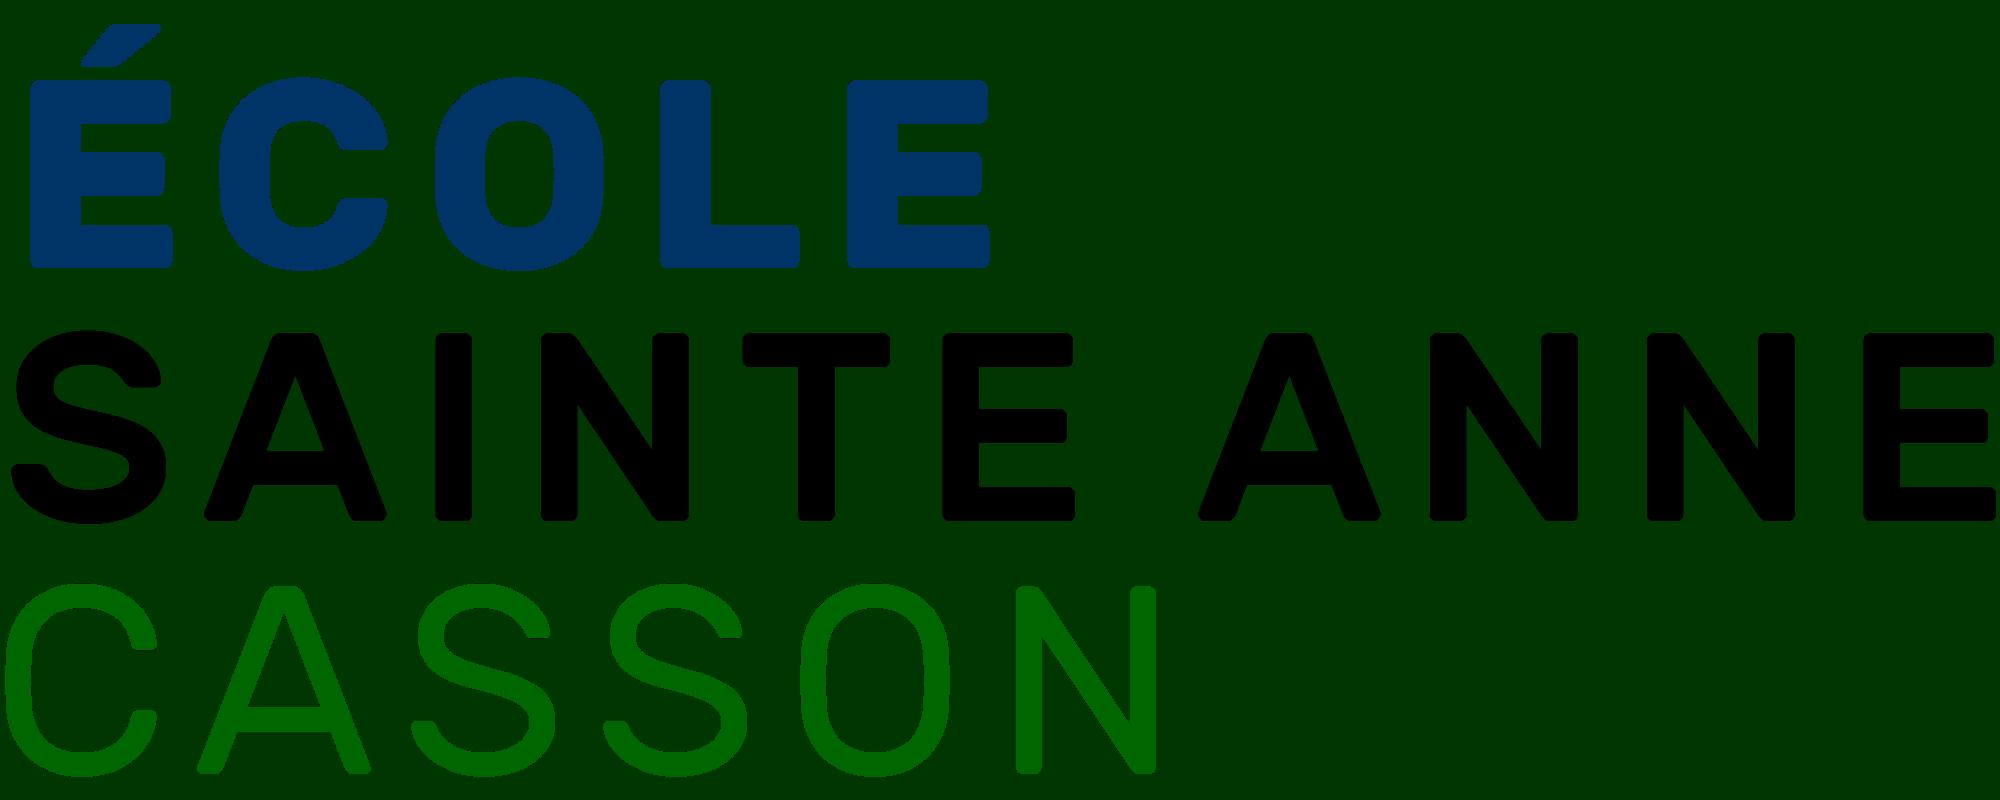 École Sainte Anne - Casson